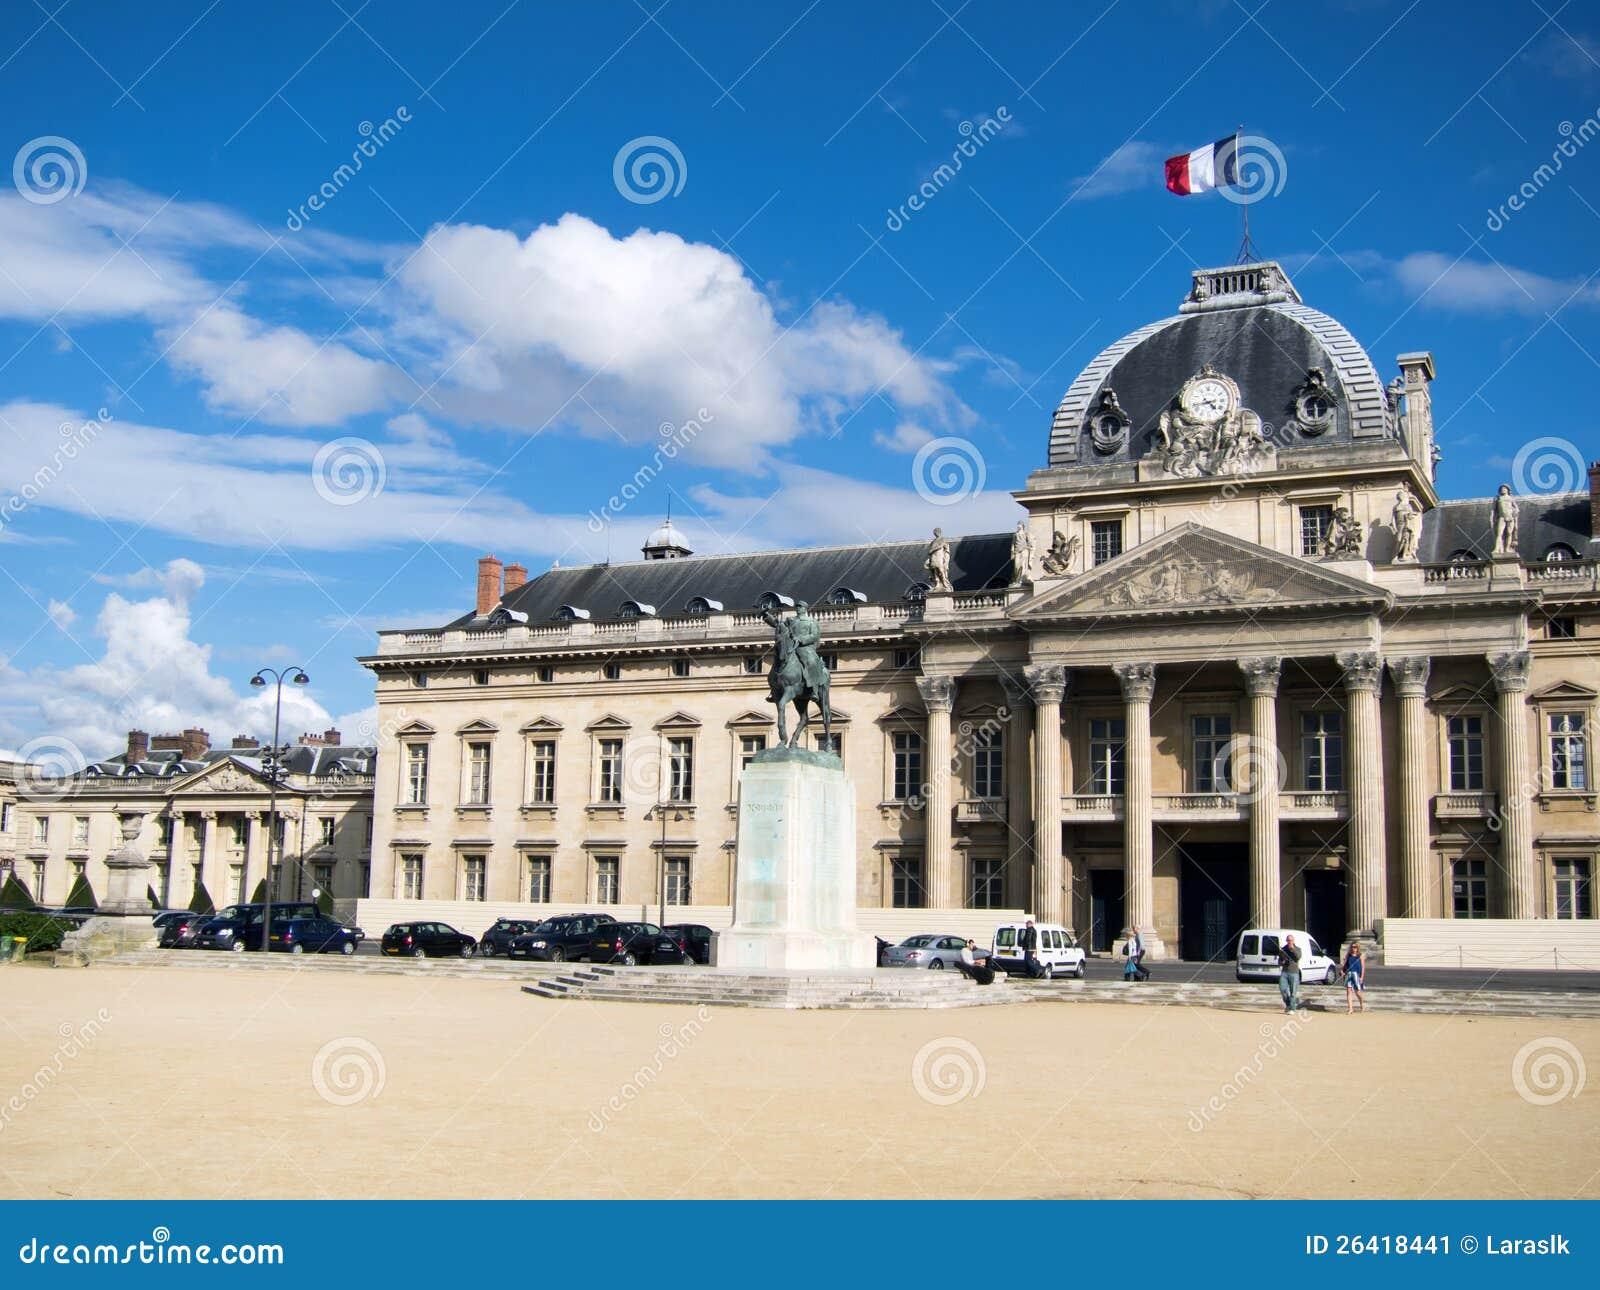 Ecole militaire in paris stock image image 26418441 for Ecole decorateur interieur paris